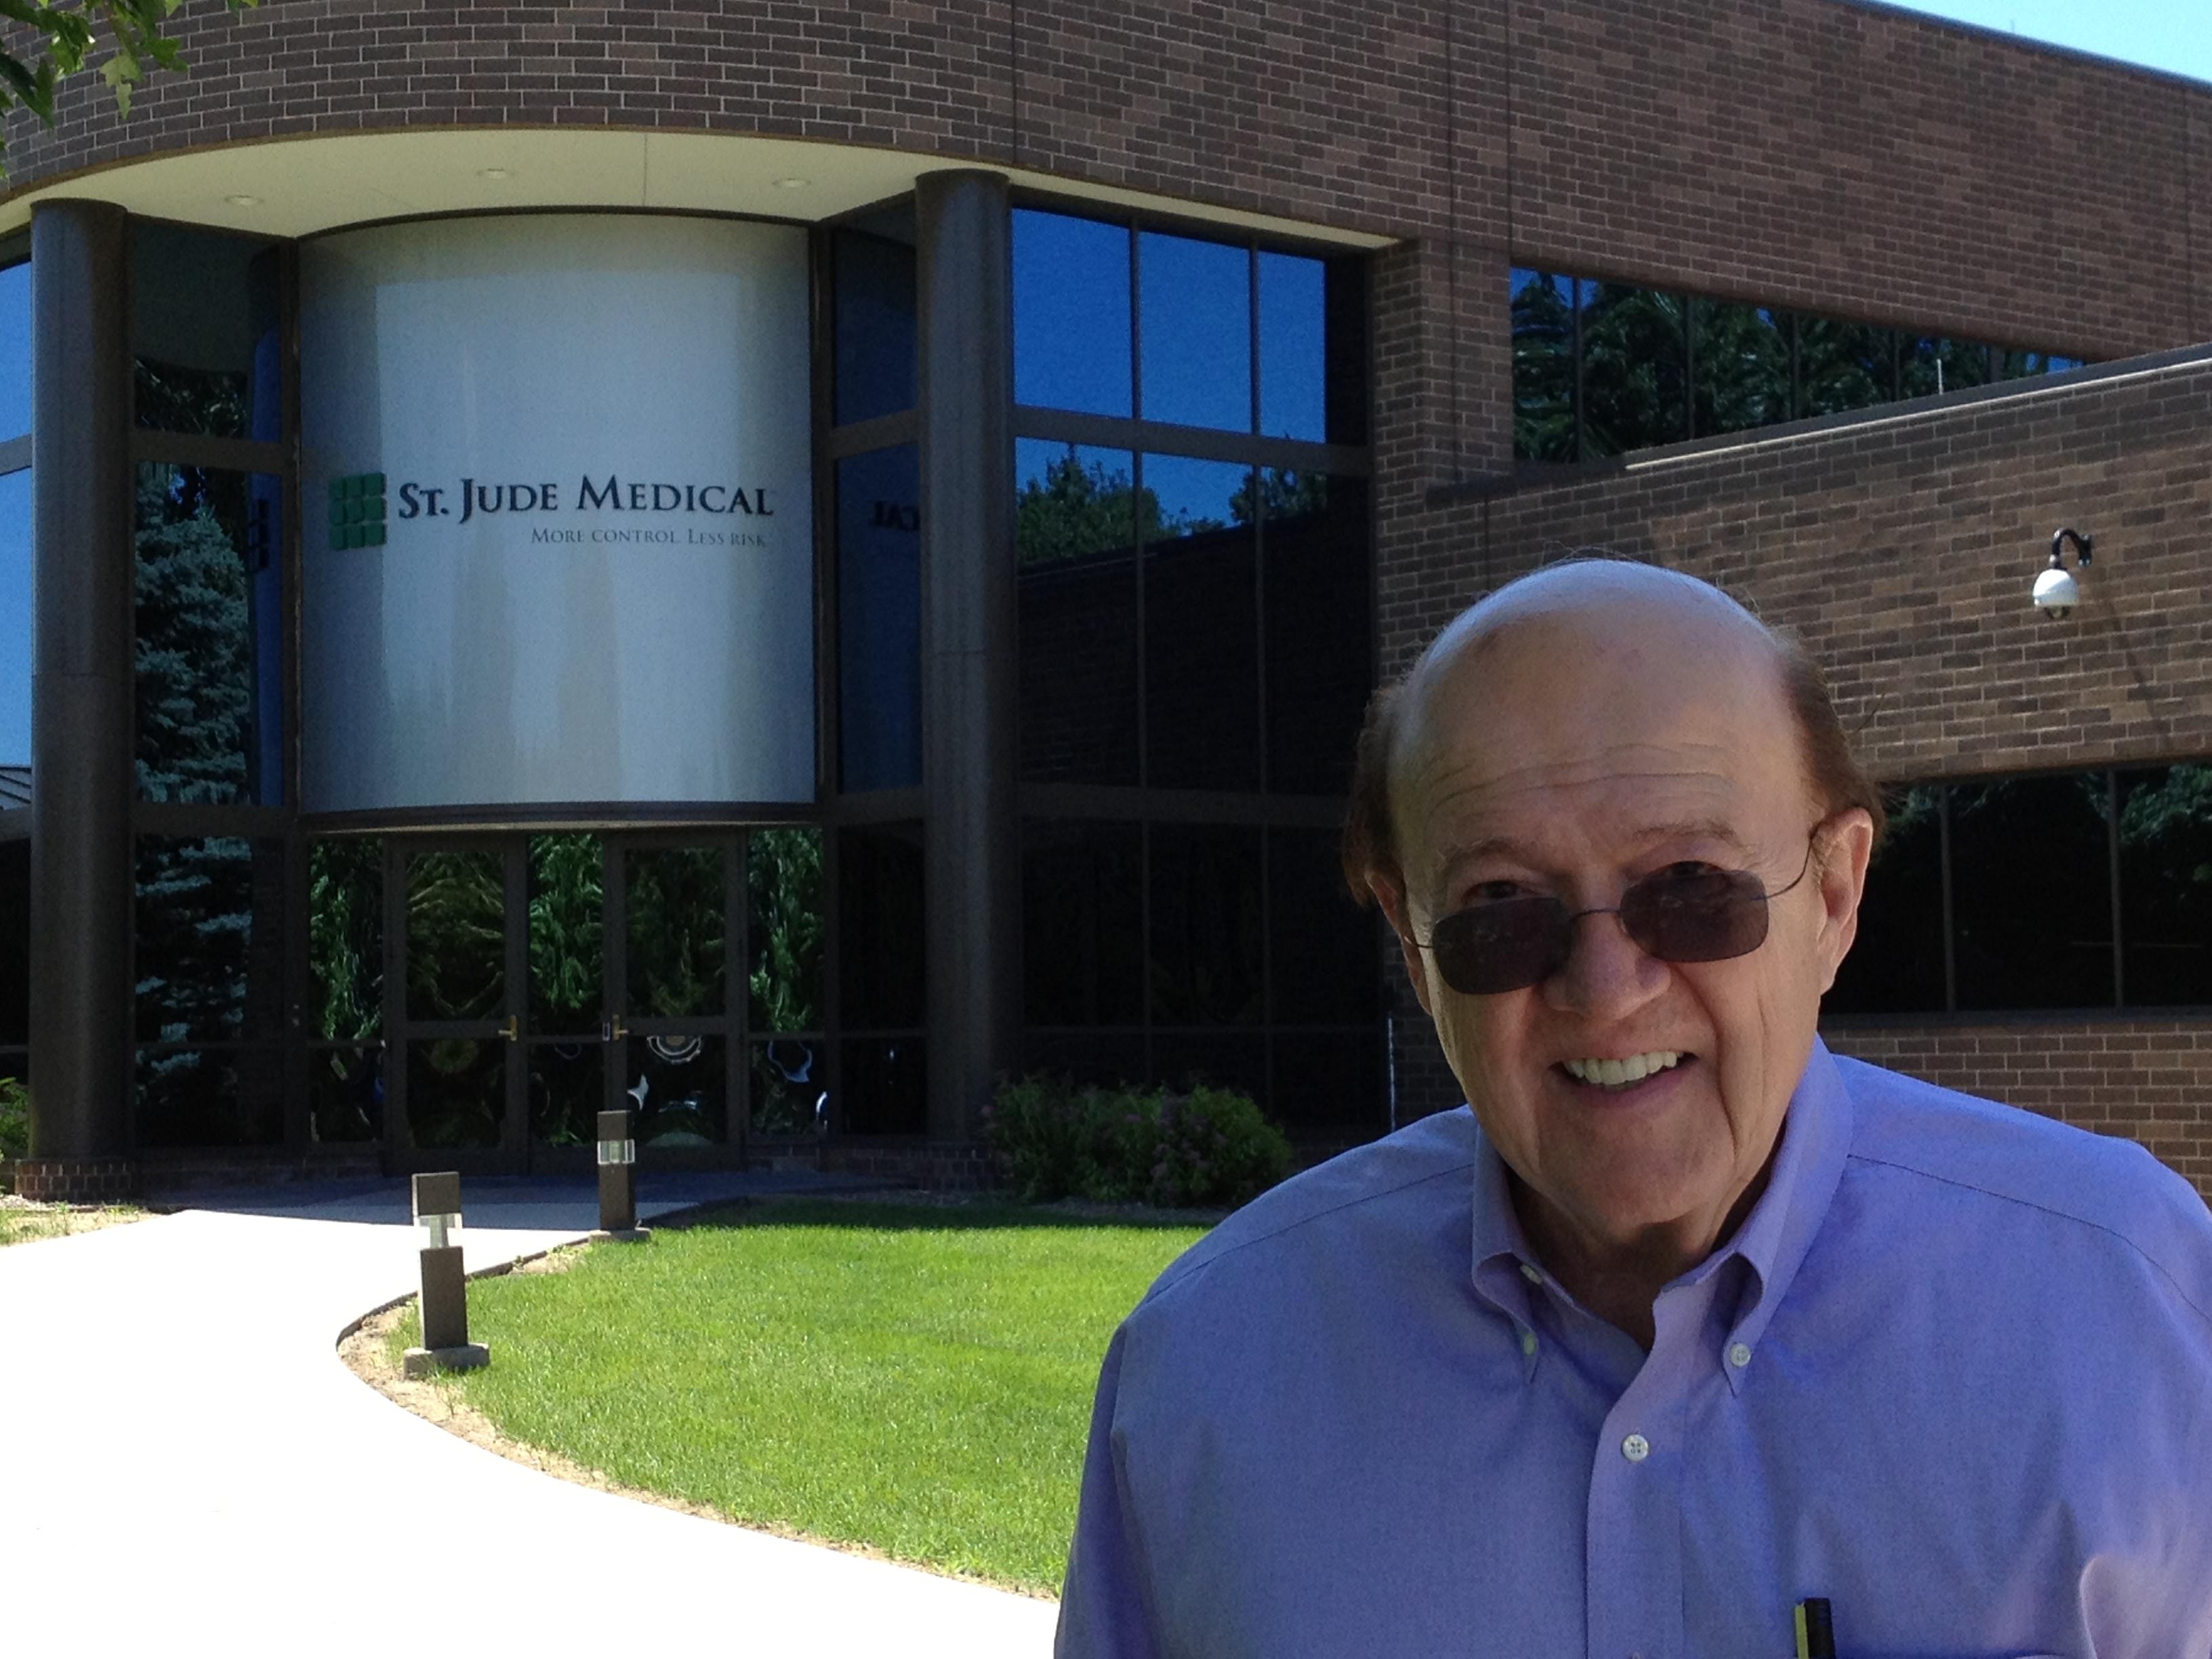 Manny Villafaña at St. Jude Medical, June 27, 2013.